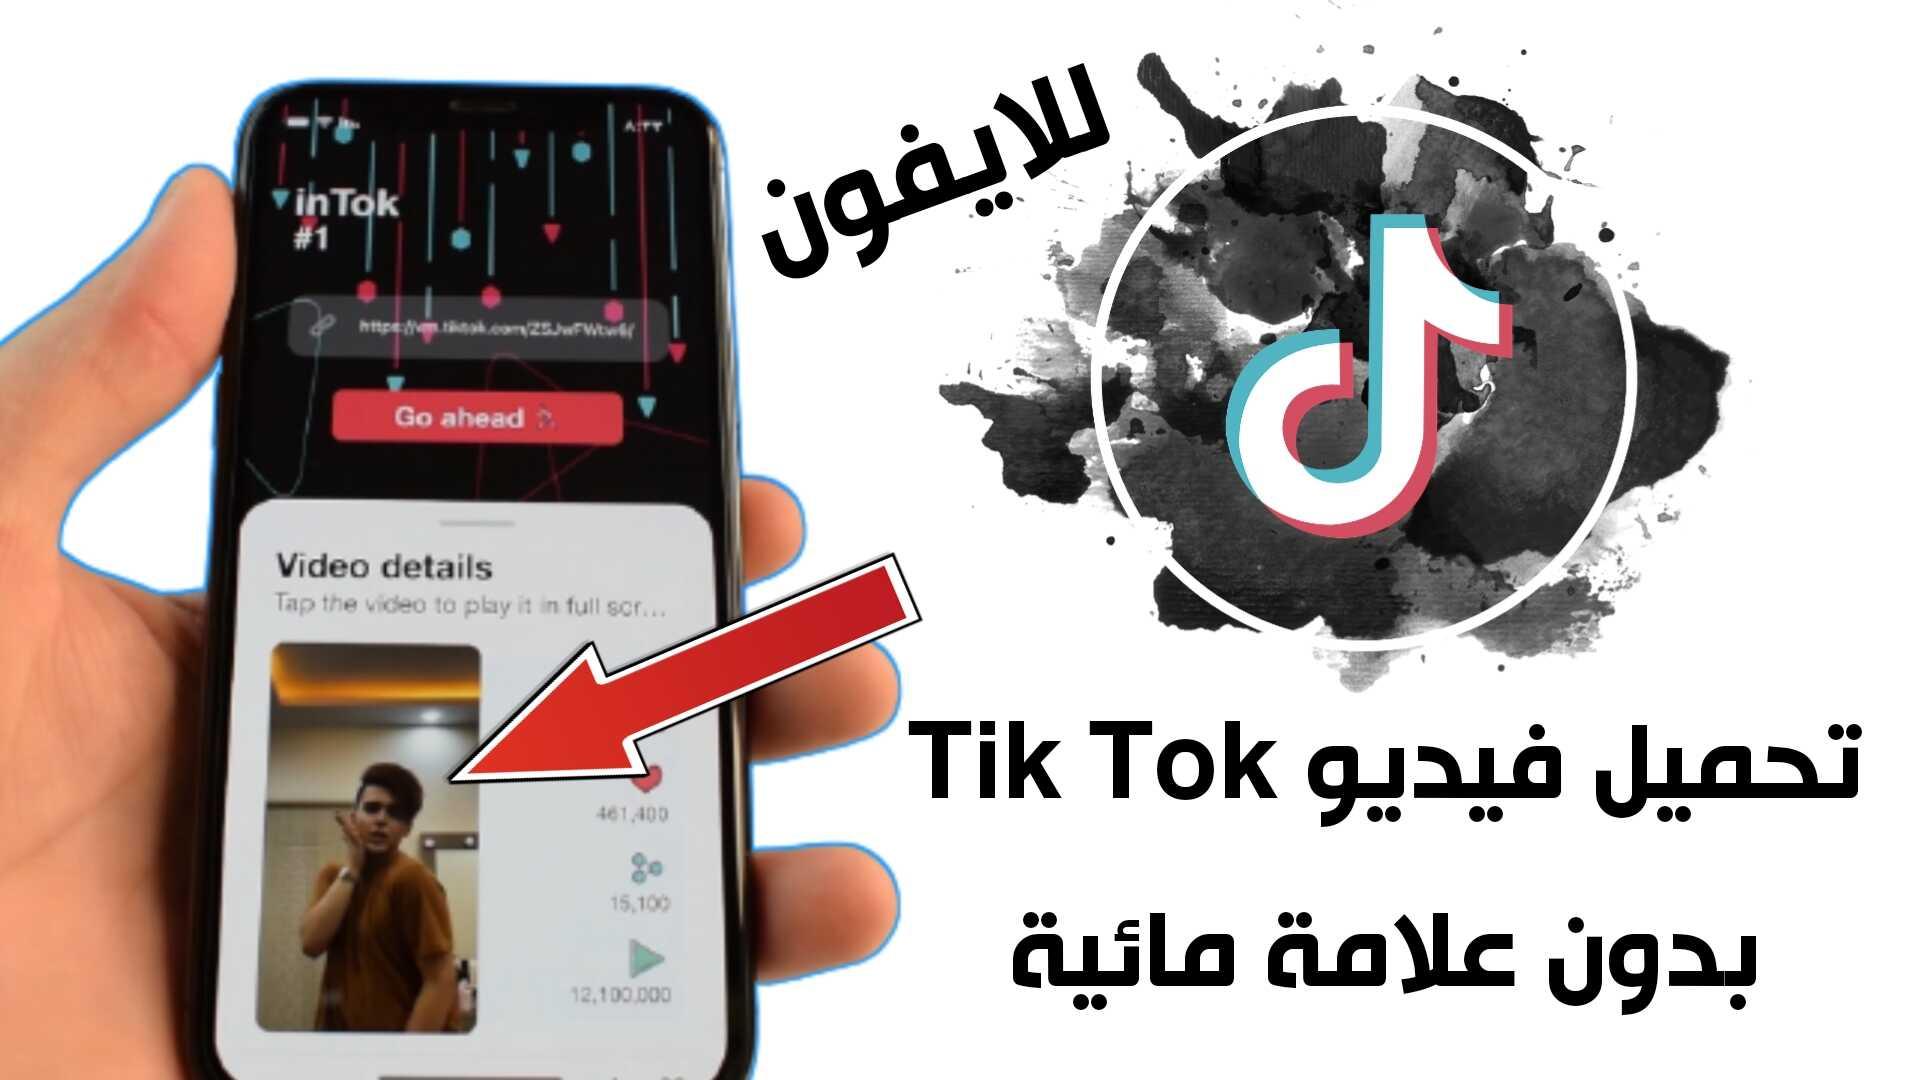 تحميل فيديو Tik Tok للايفون بدون علامة مائية وبدون حقوق